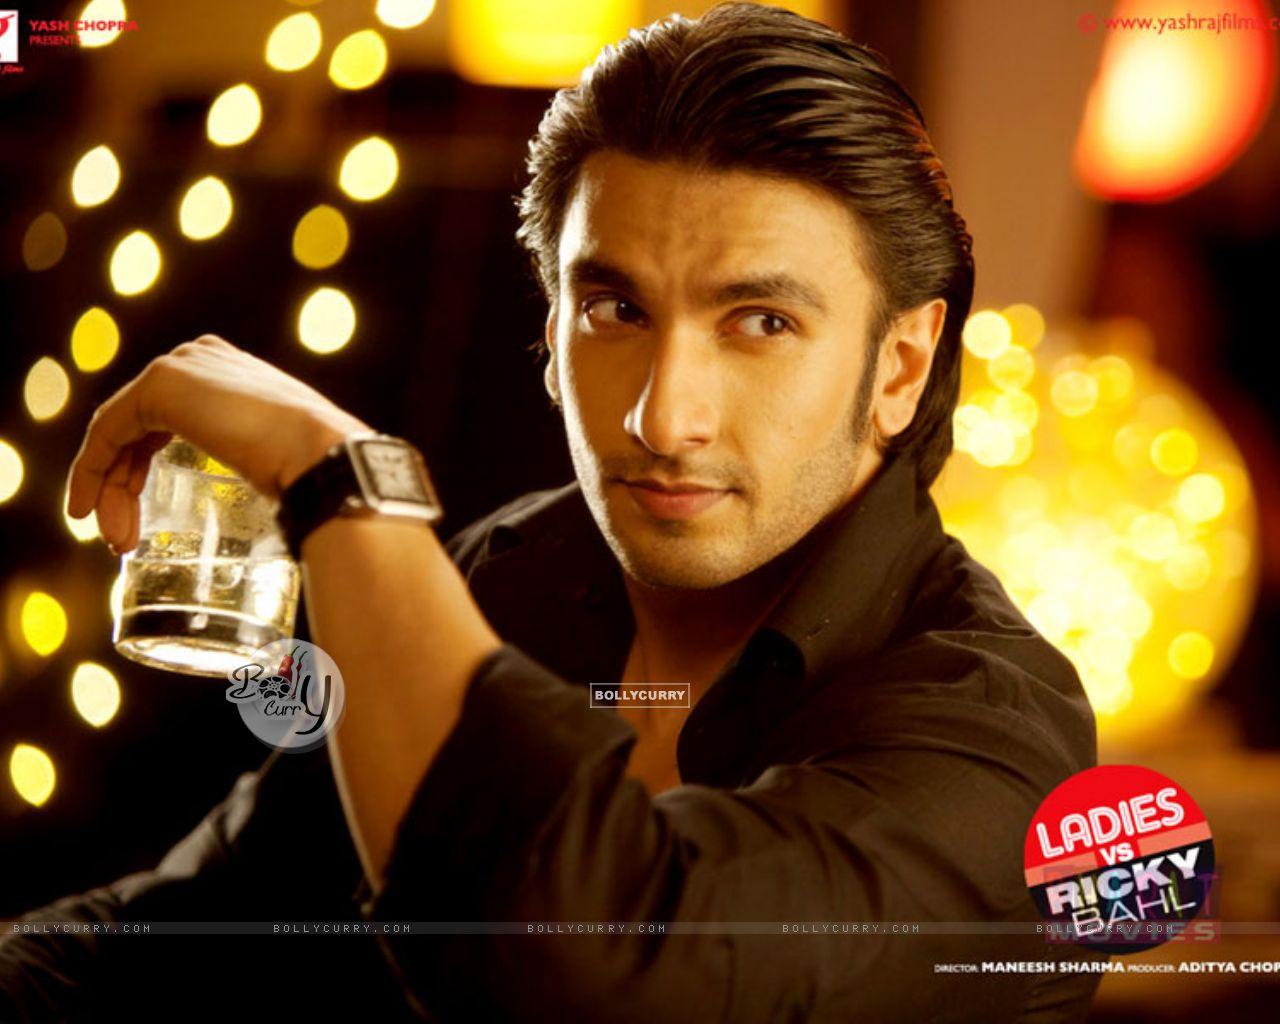 Ranveer Singh in the movie Ladies vs Ricky Bahl (173656) size:1280x1024